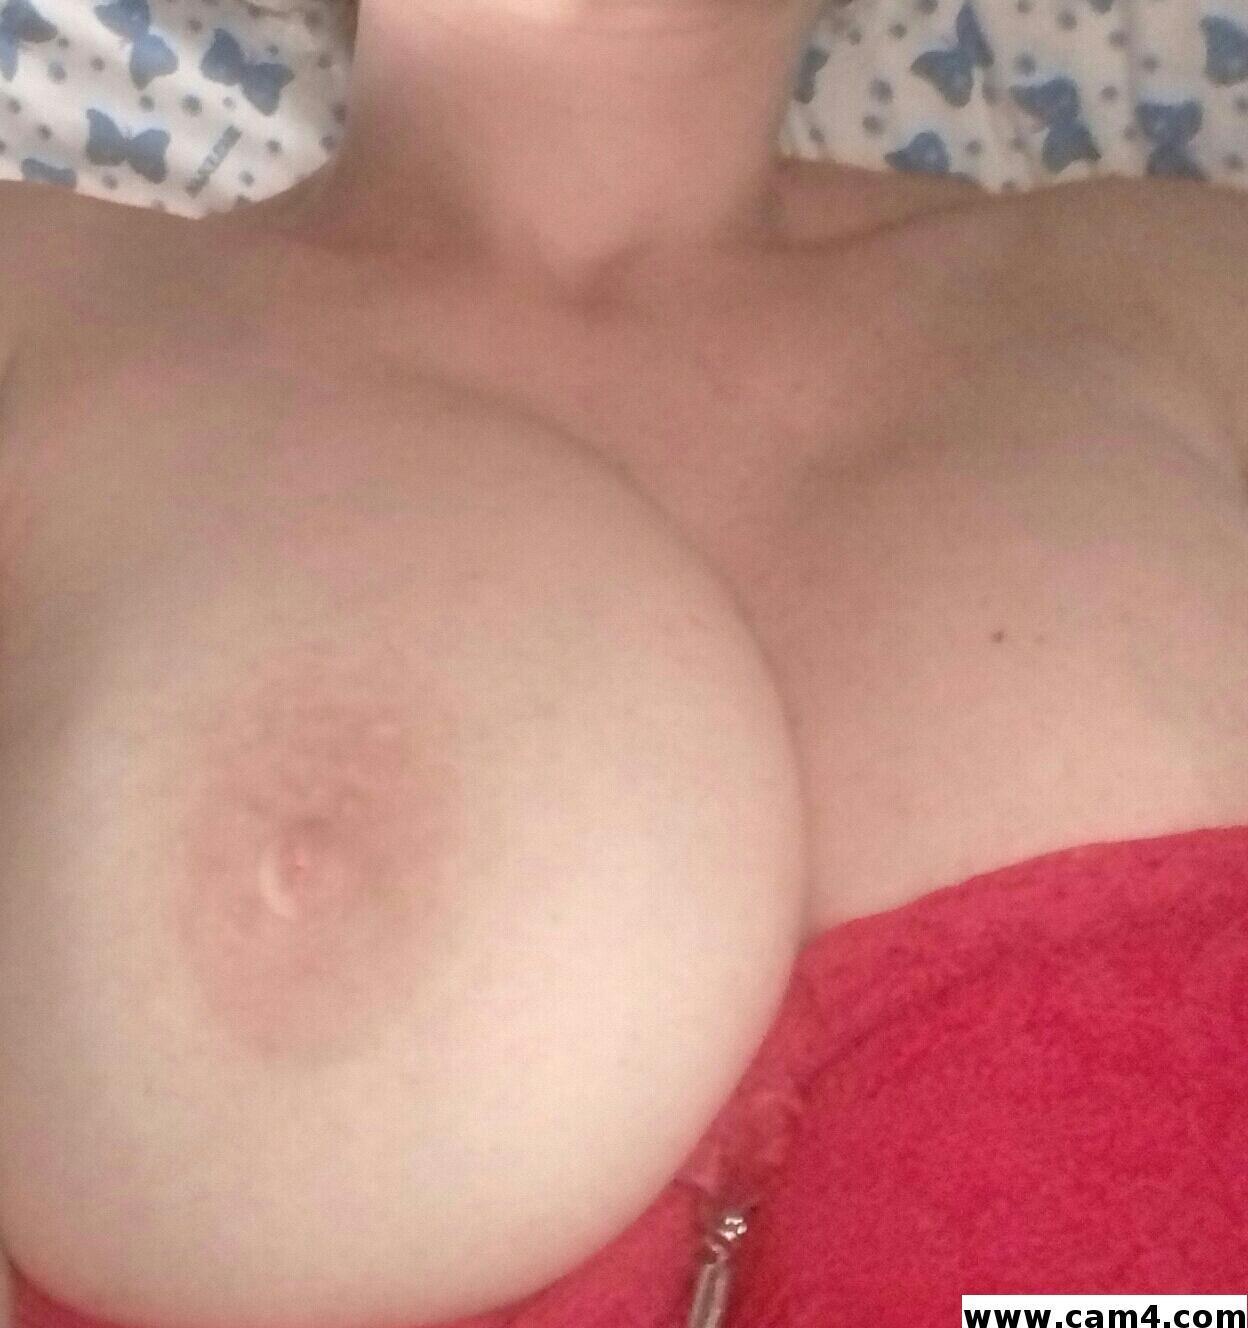 LadyDomino photo 13843011